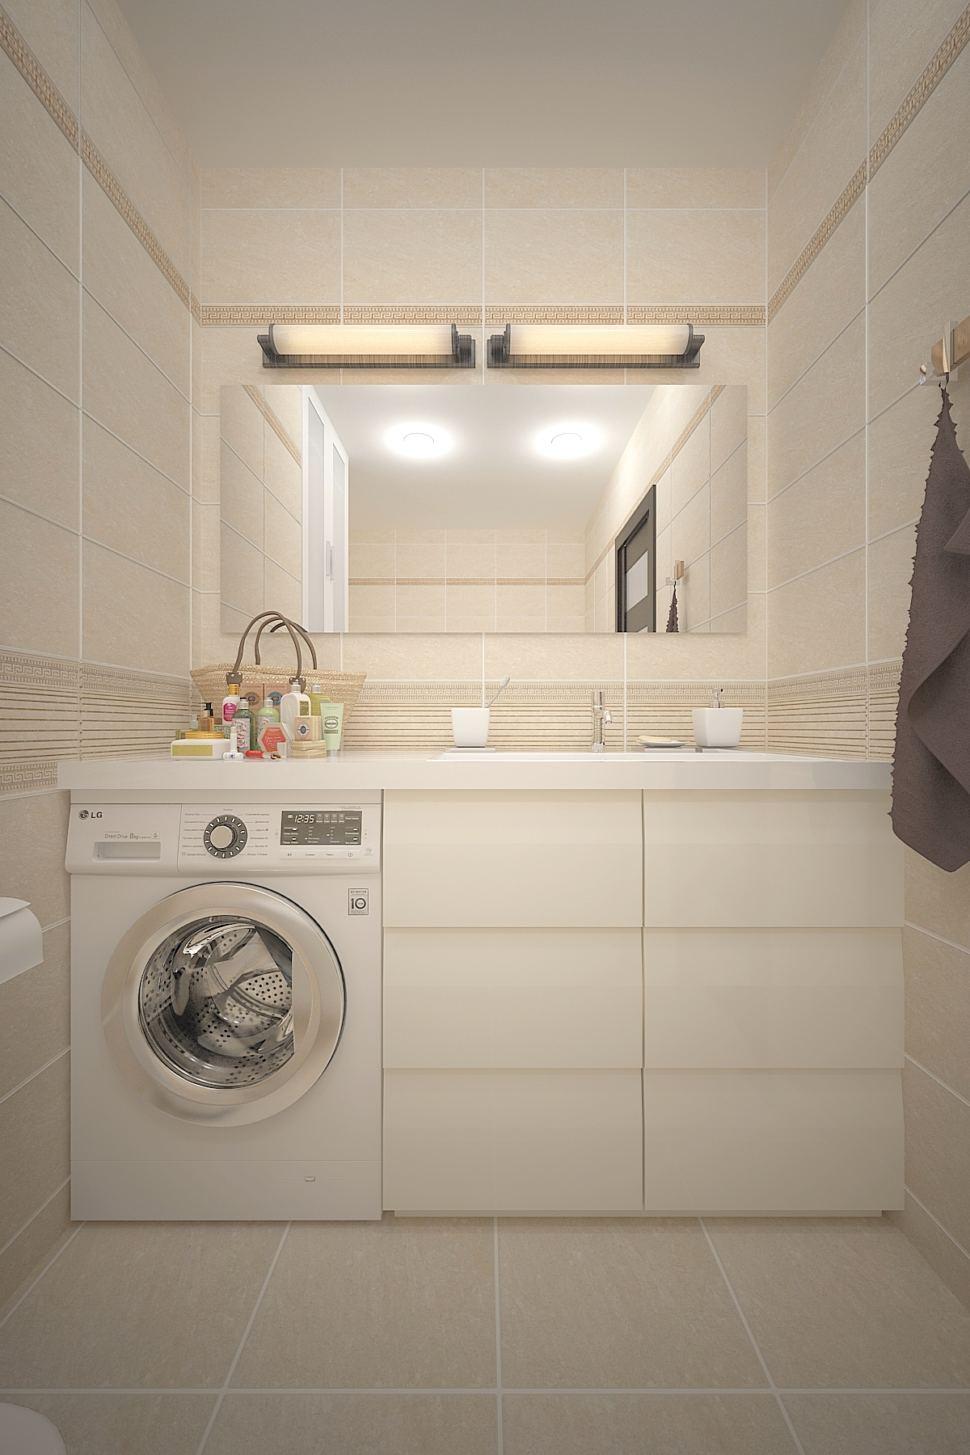 Проект ванной комнаты 3 кв.м в бежевых тонах, белый шкаф, стиральная машина, тумба, мойка, зеркало, керамический гранит